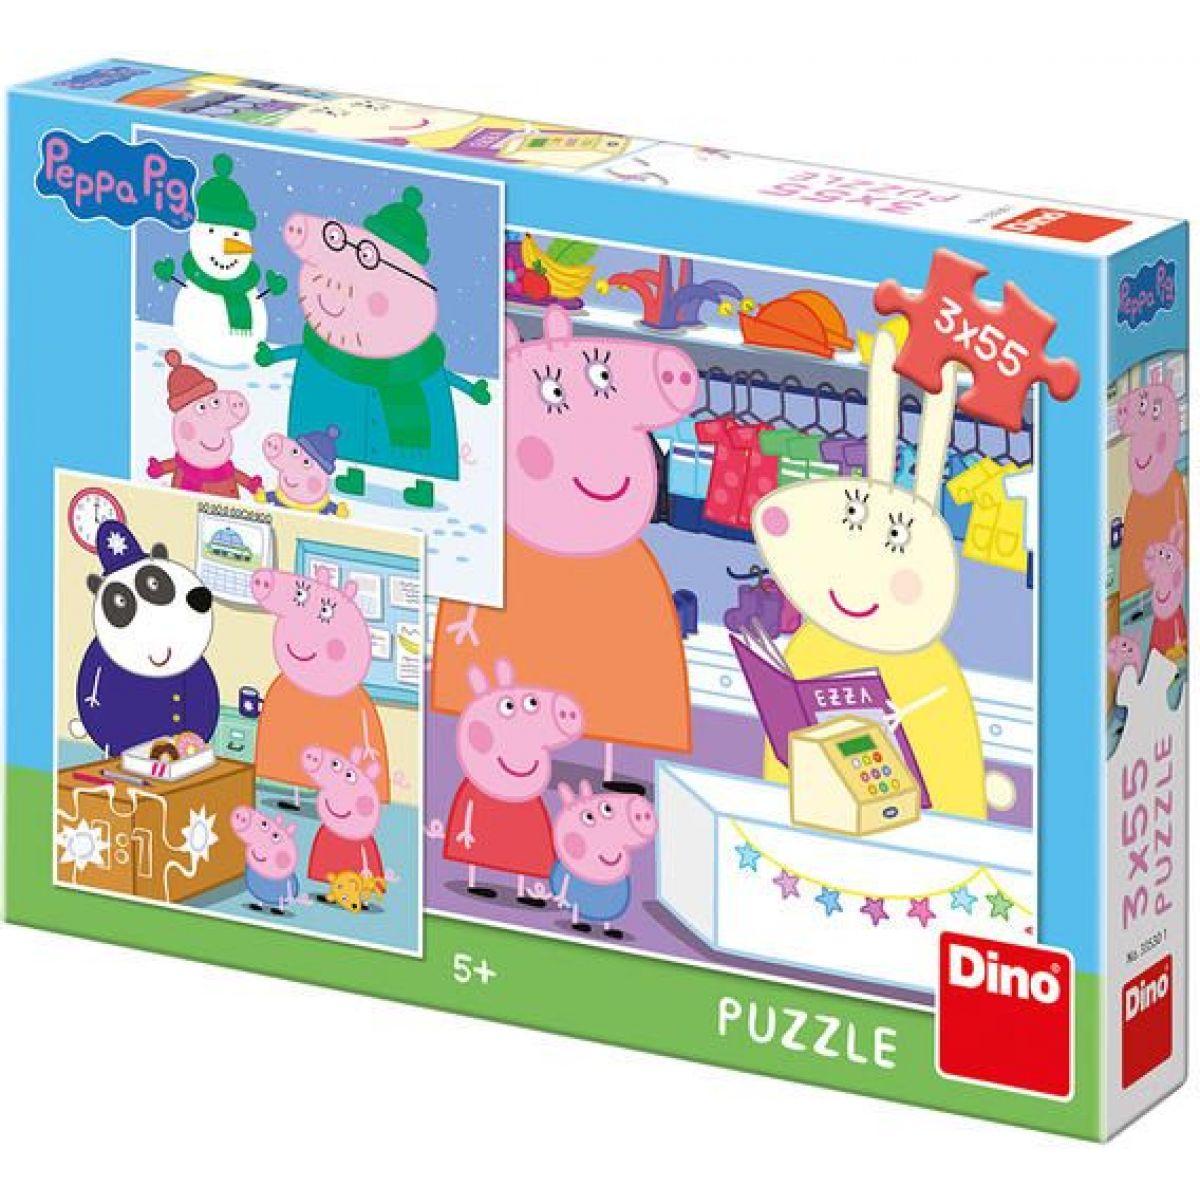 Dino Peppa Pig Veselé odpoludnie puzzle 3 x 55 dielikov